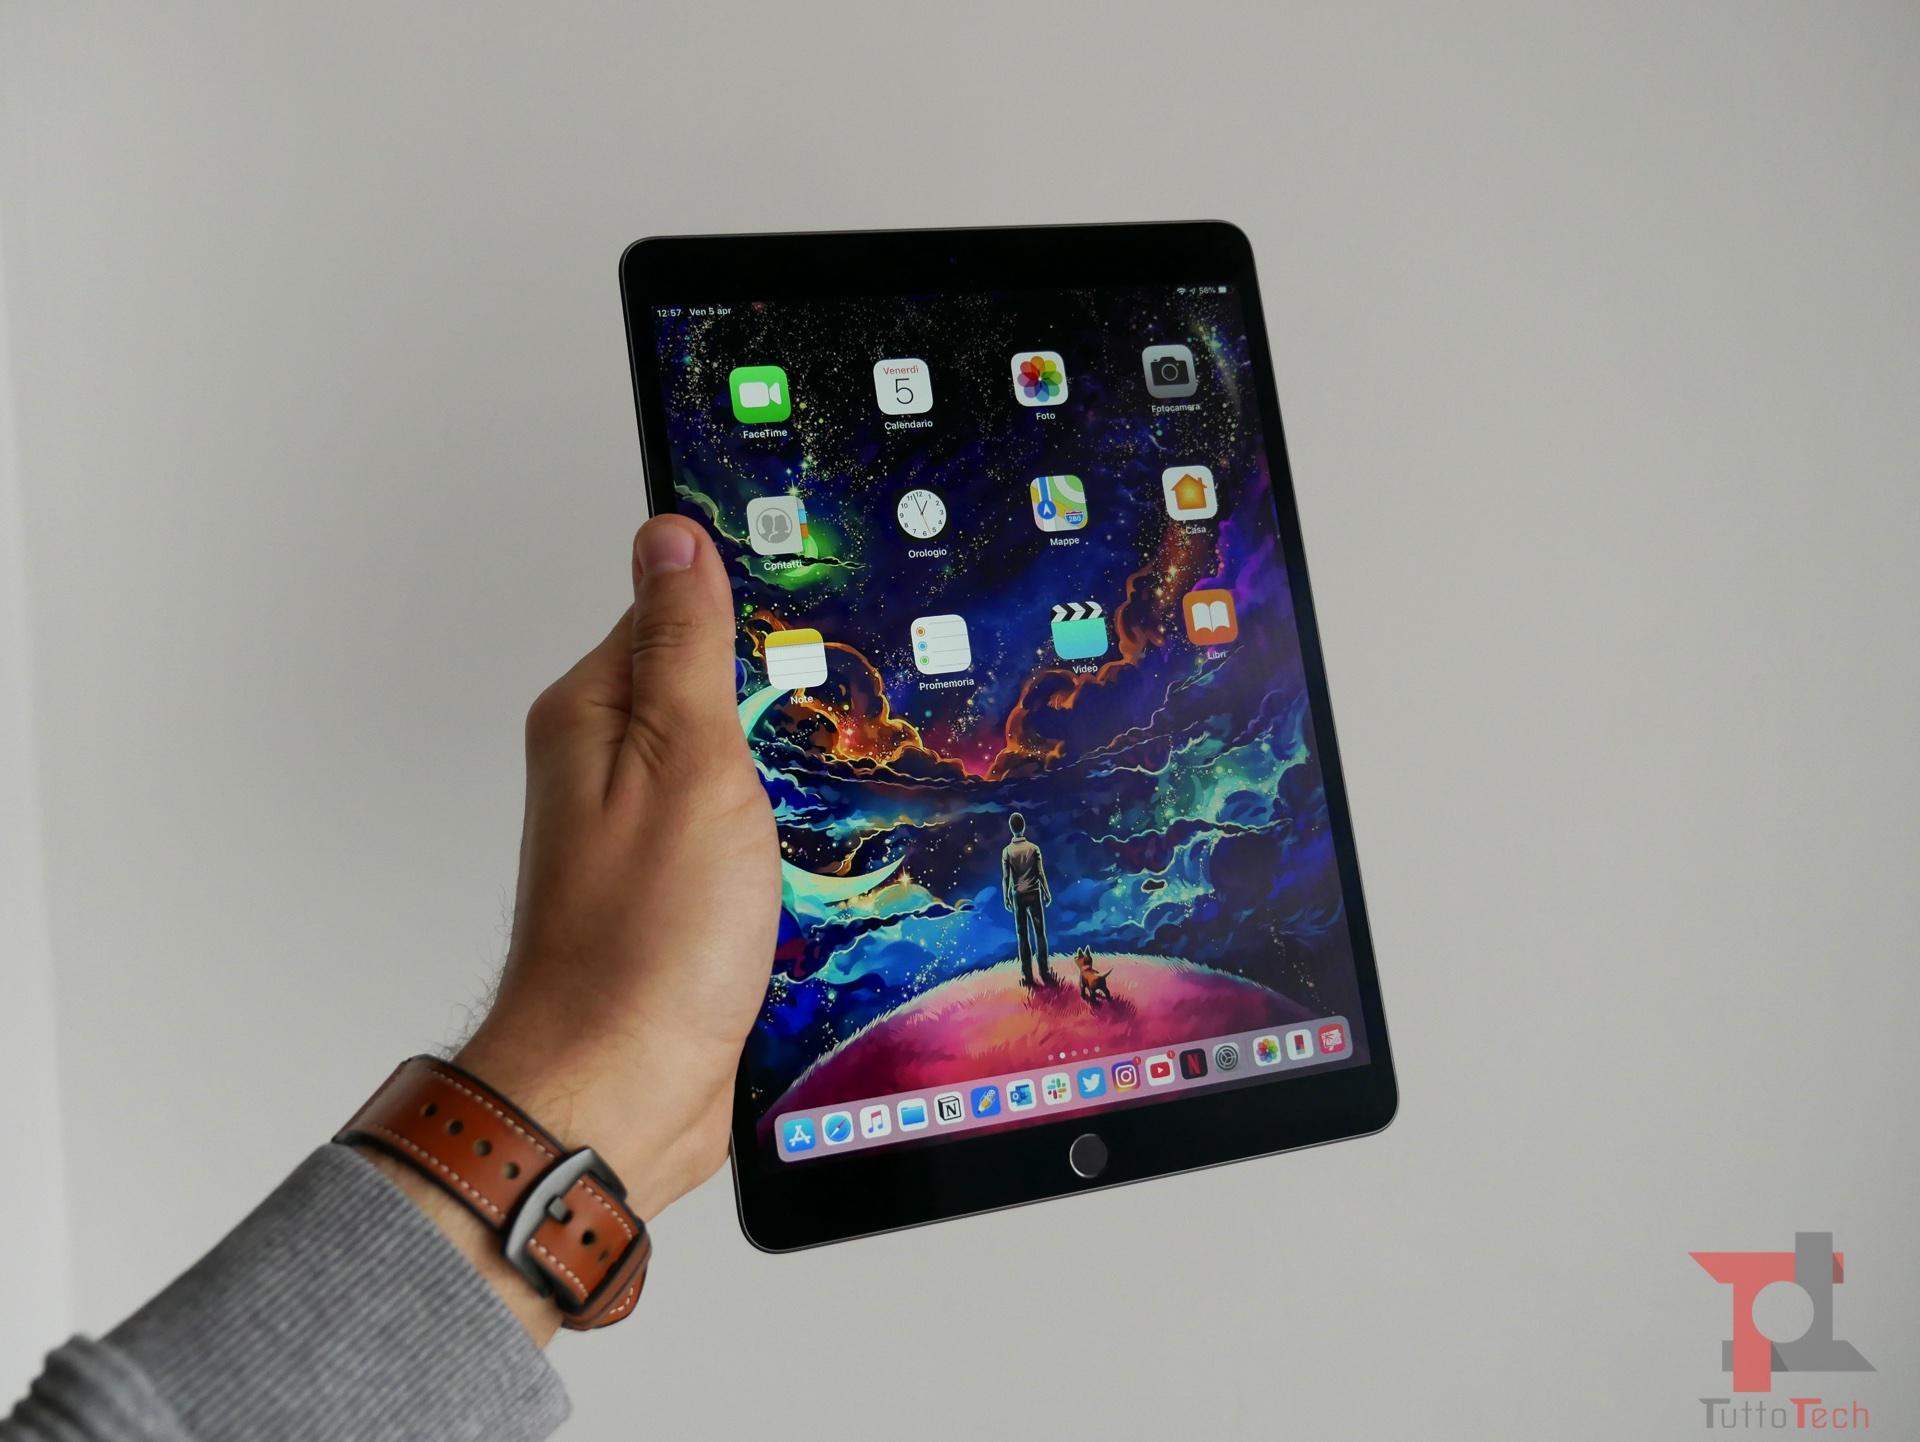 Prezzi e tariffe per acquistare iPad Air 2019 attraverso Vodafone 1